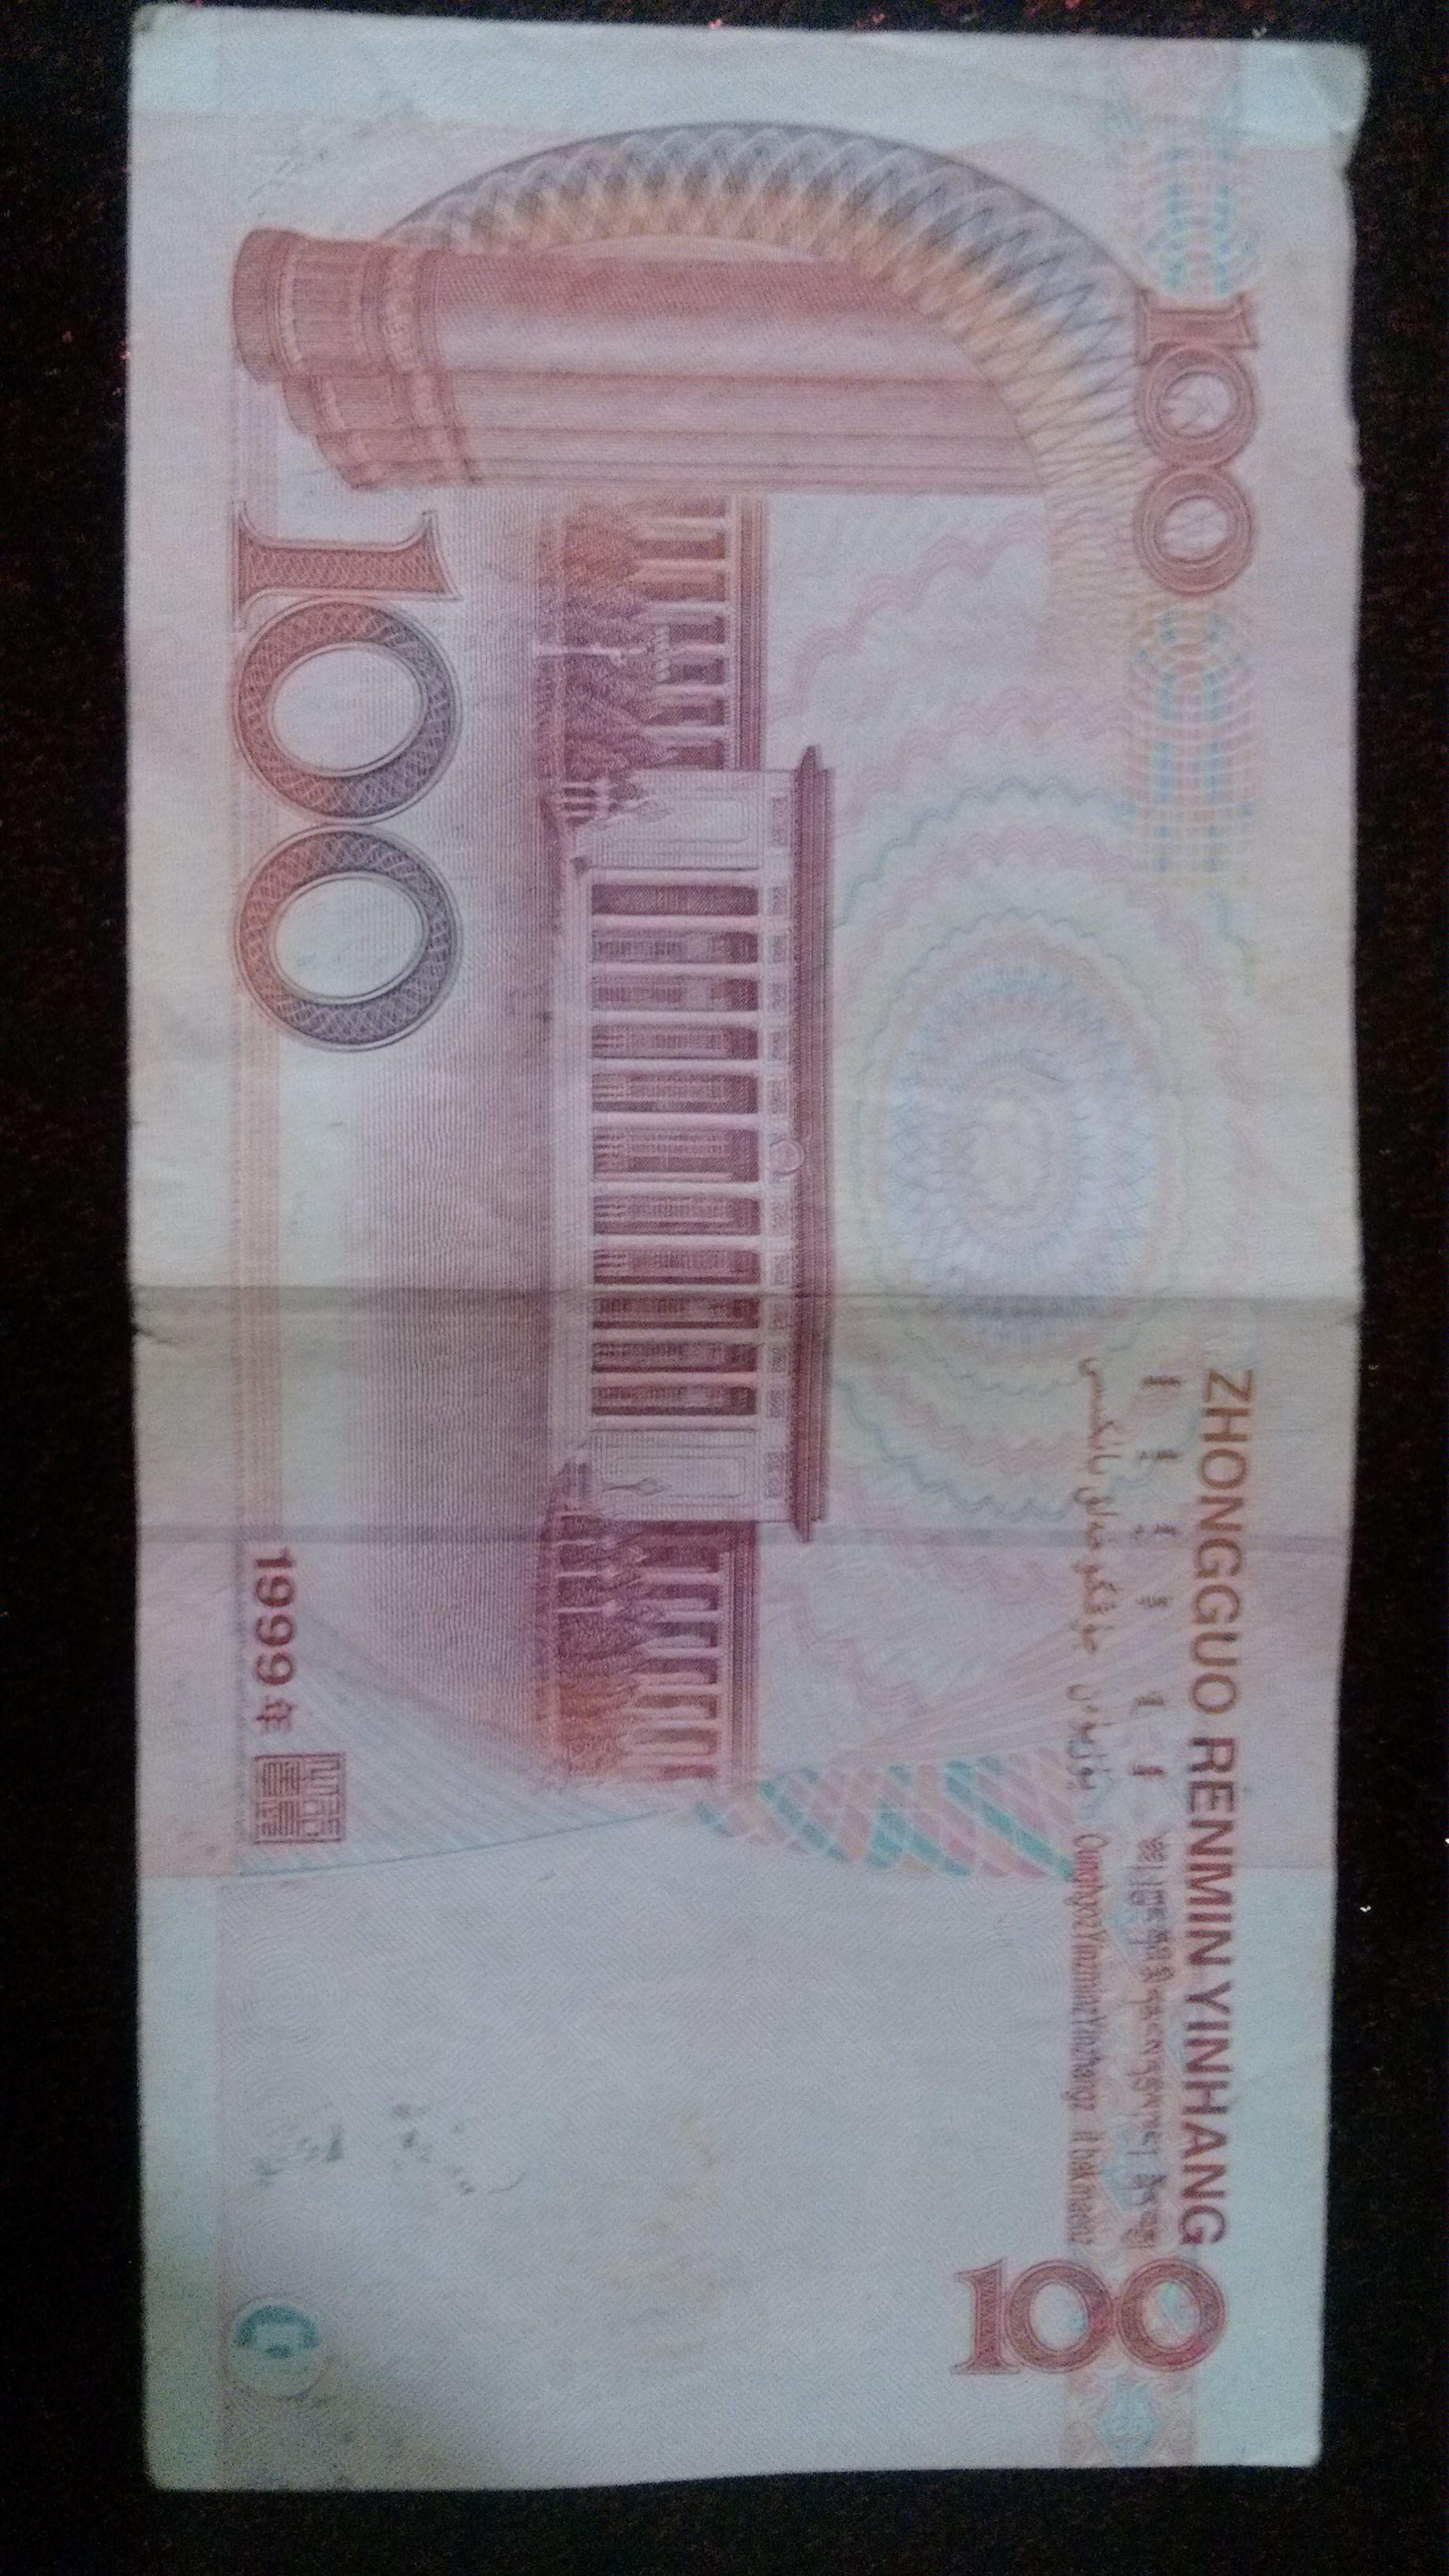 1999百元人民币_1999年的一百元人民币,GXI4658888 有收藏价值吗?_百度知道